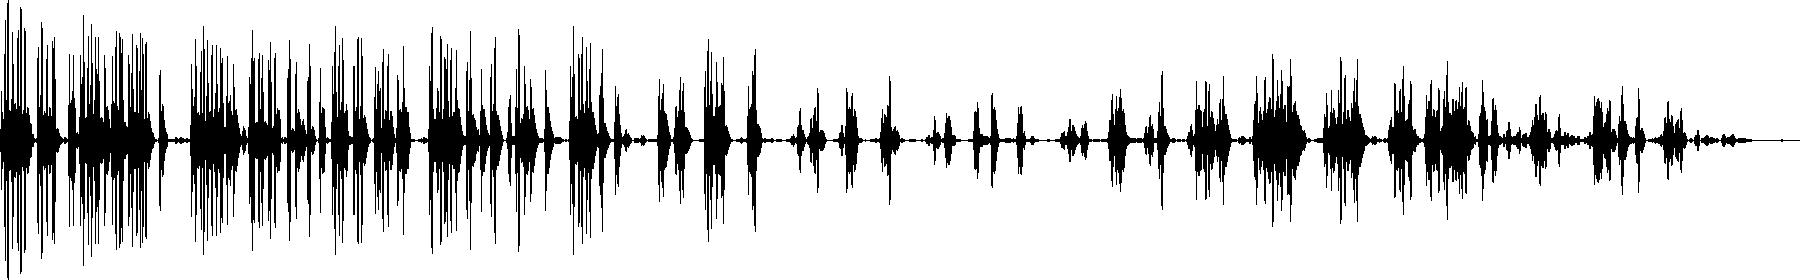 veh2 synths   121 c